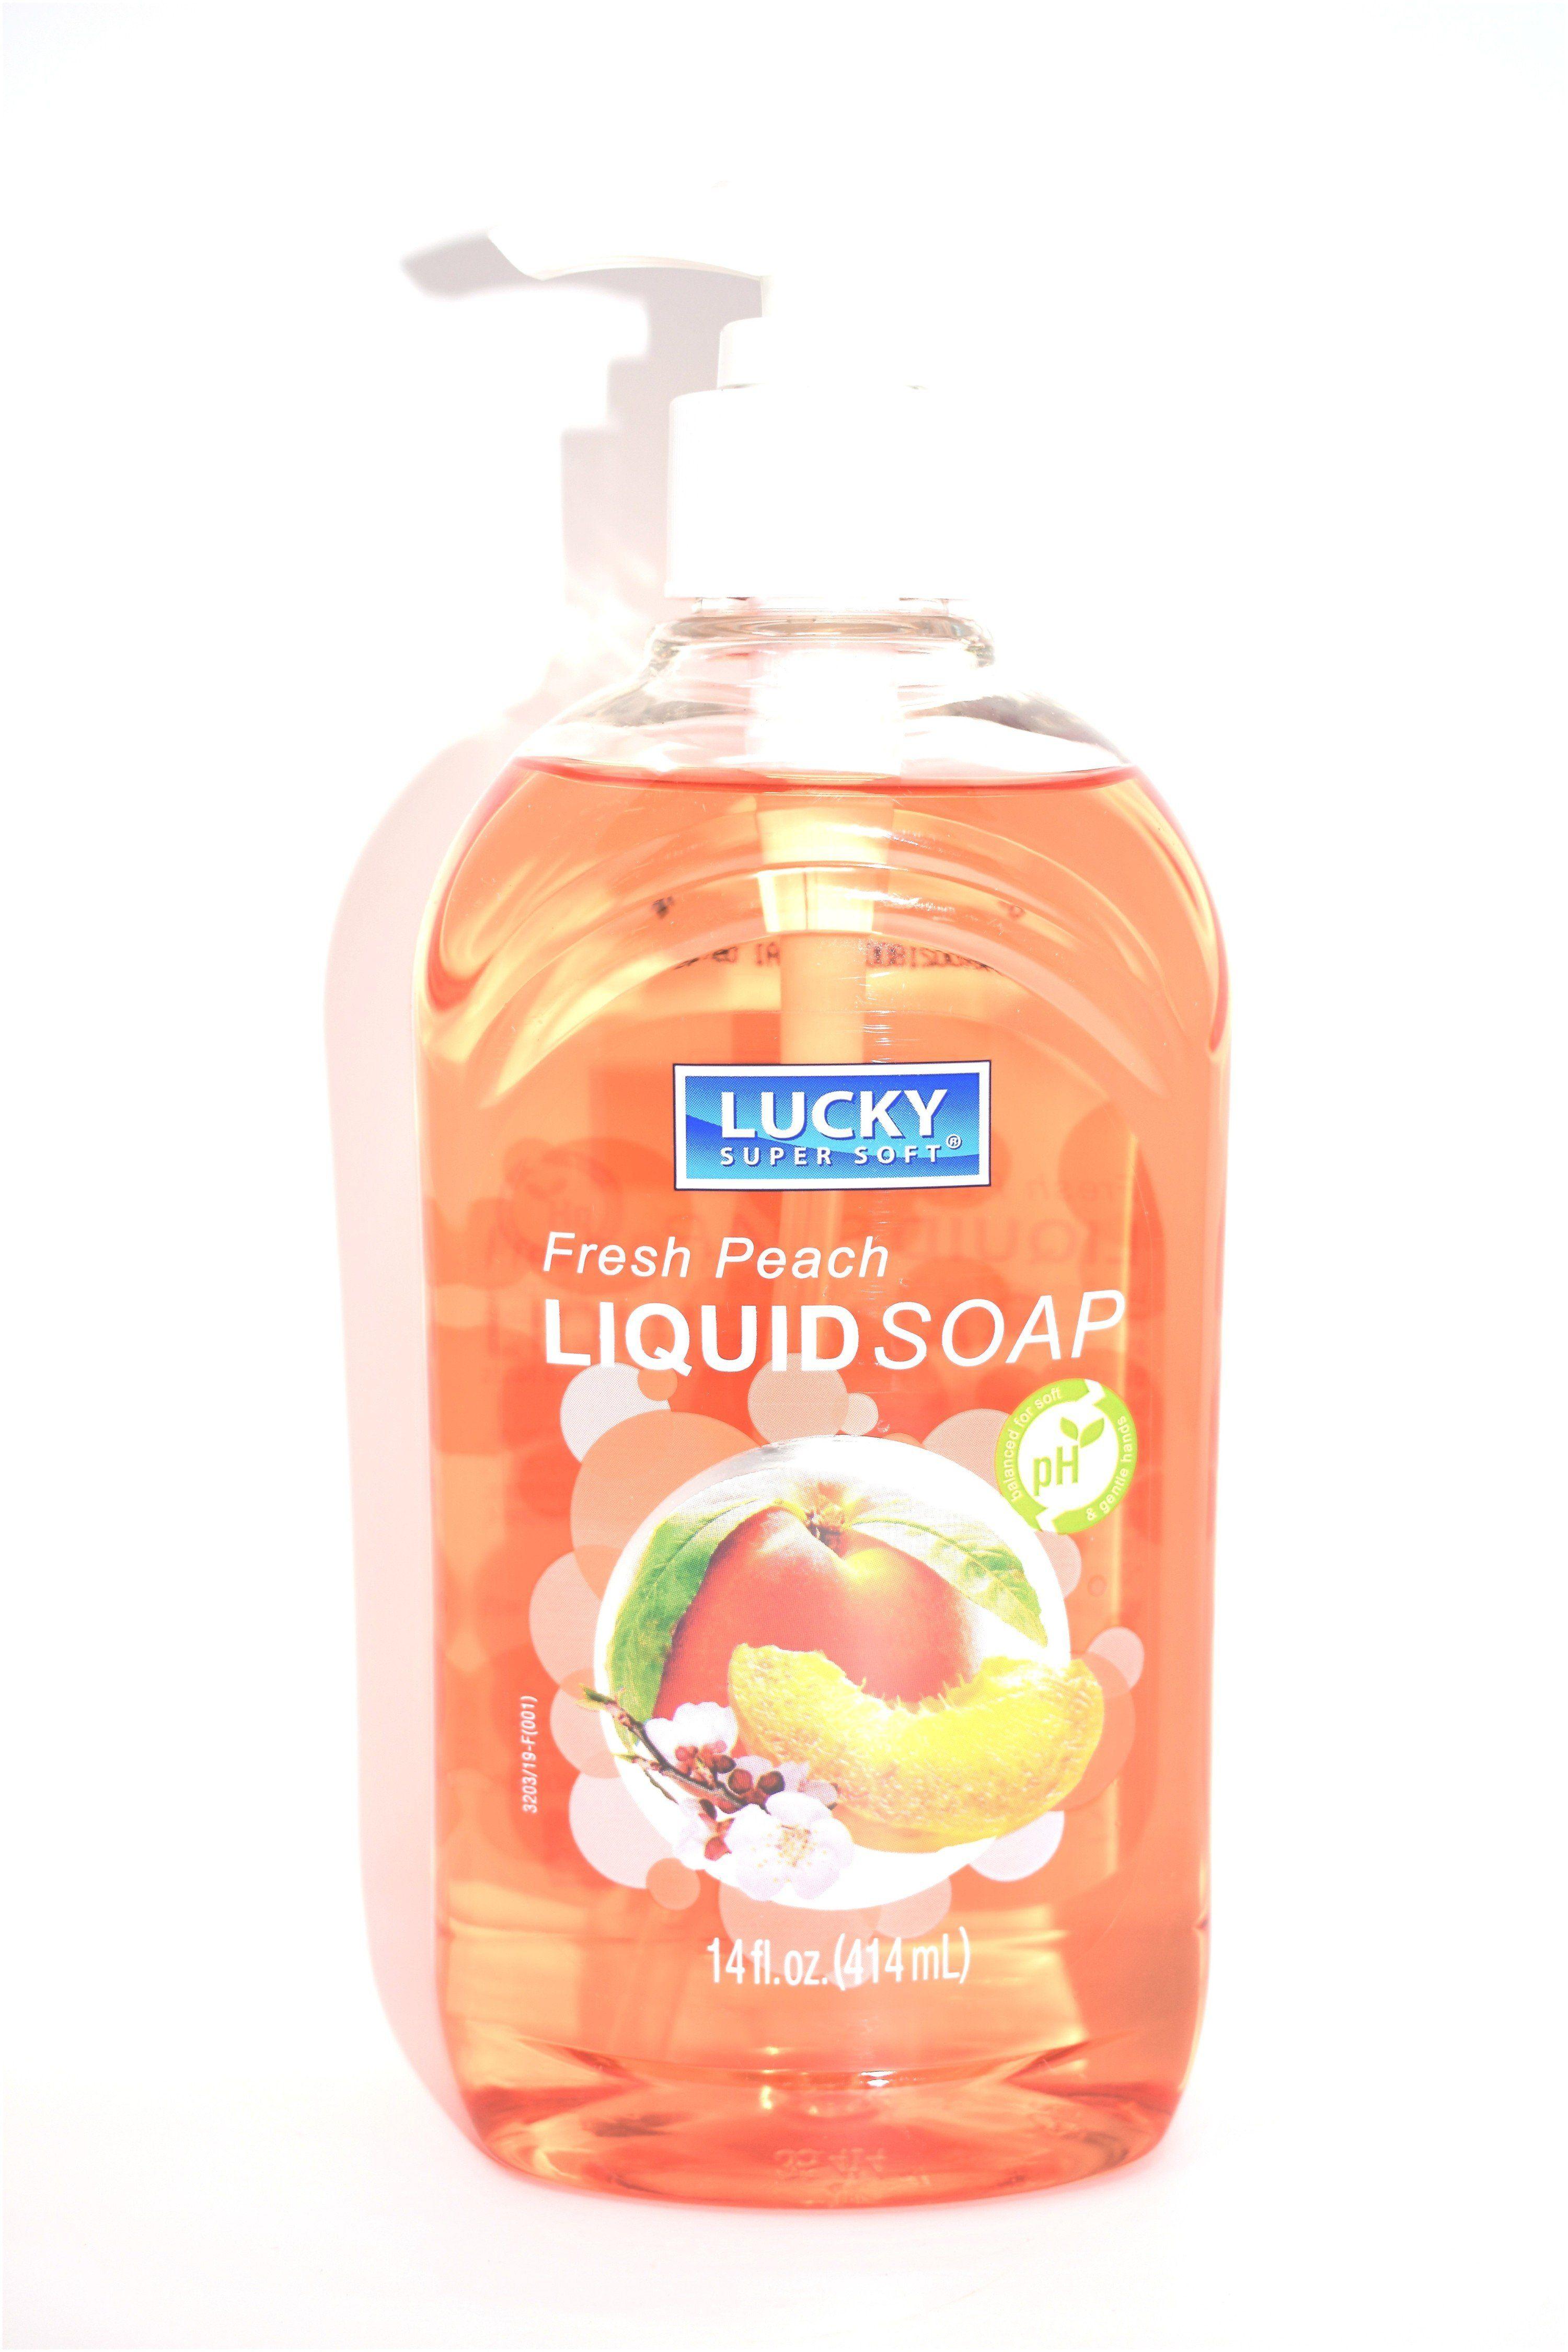 Lucky Soft Soap Fresh Peach Liquid Soap 14 Fl Oz Liquid Soap